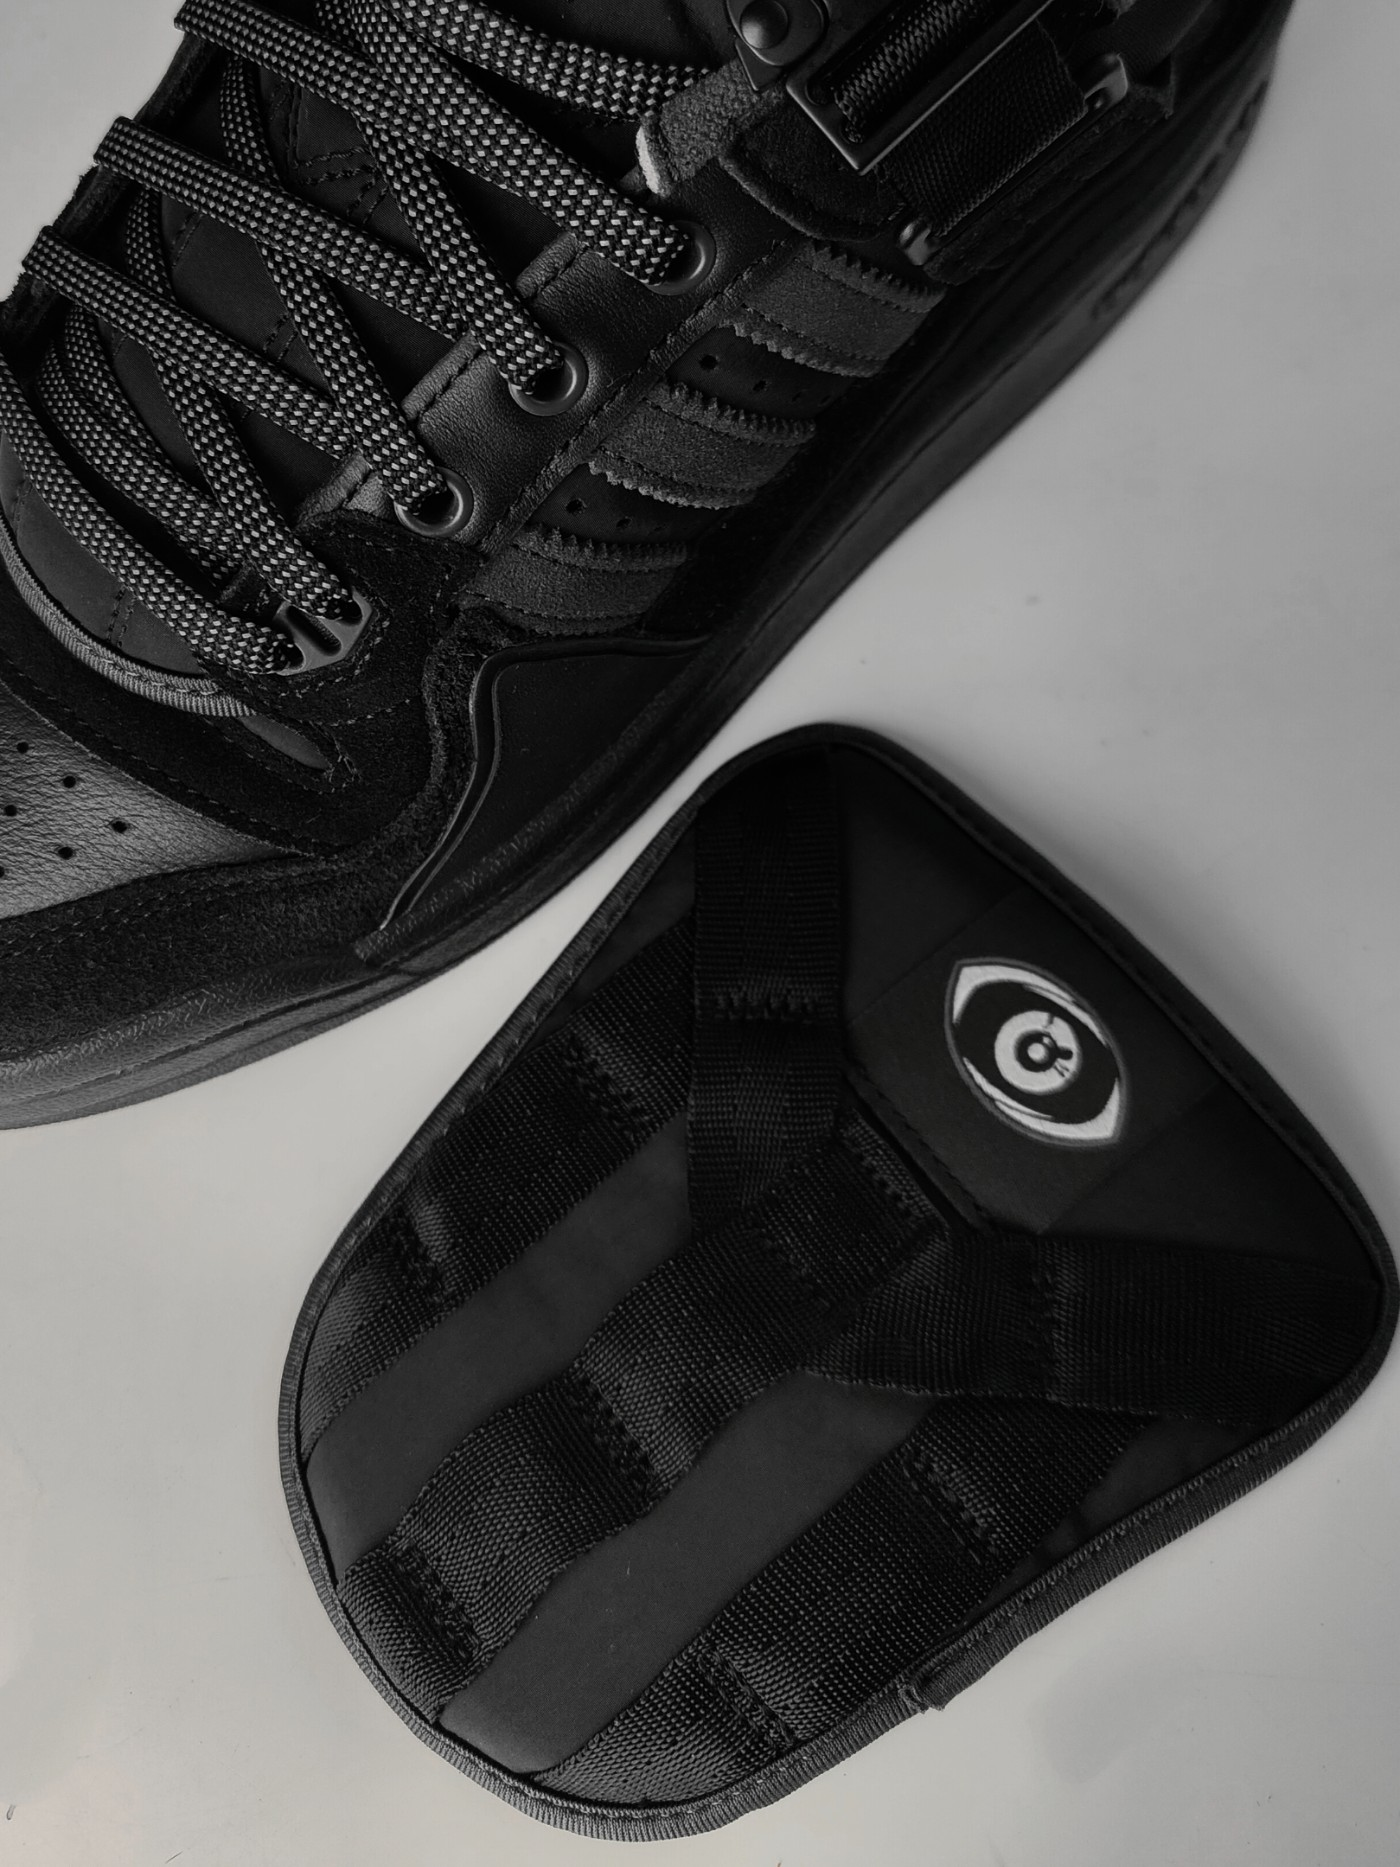 开箱,发售,Forum,adidas,Bad Bunny  上次市价 3 千!纯黑 Bad Bunny x adidas 抢先开箱!登记倒计时!